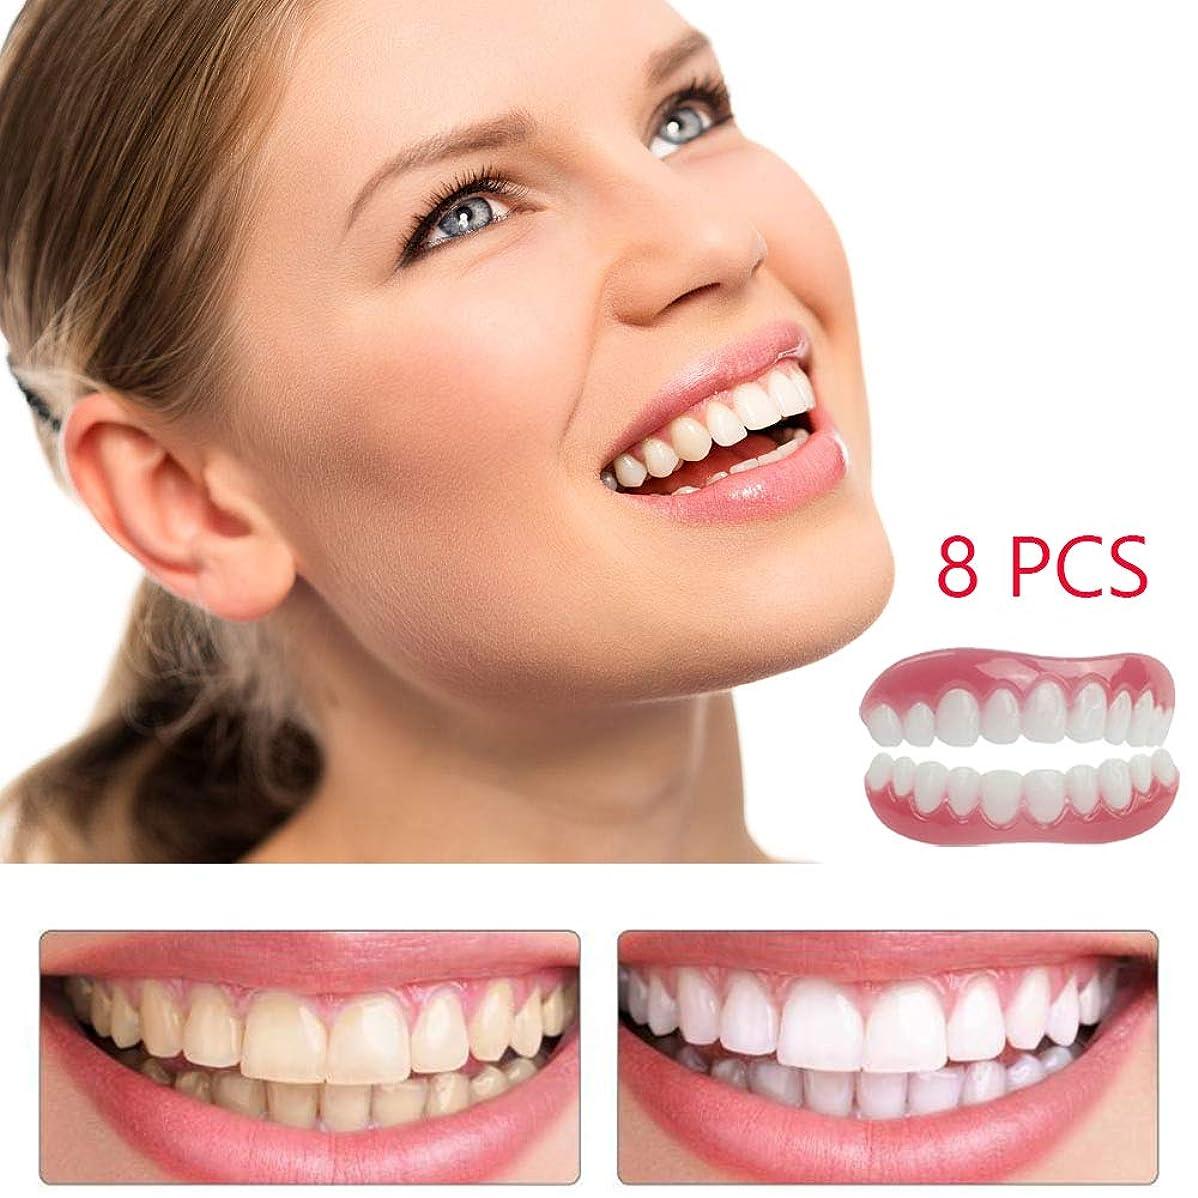 プロポーショナル後方に頼む歯を白くすること8PCS快適で柔らかい化粧品の歯の化粧のベニヤの歯カバー上下のバヨネットはほとんどの人の口頭心配のために適したサイズをカバーします